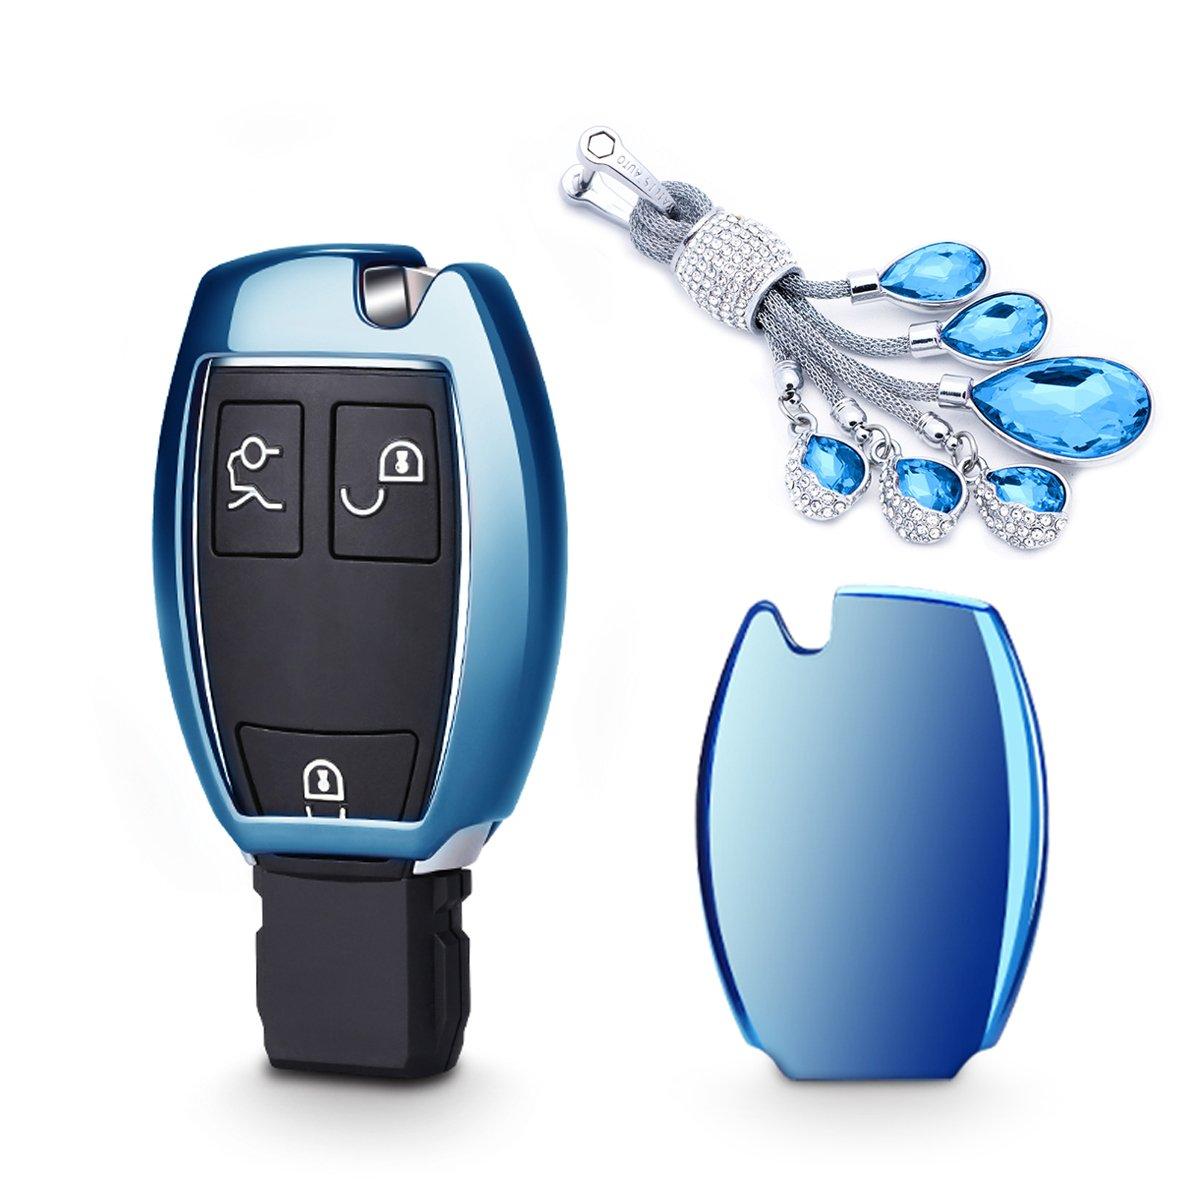 カイゼンキーレスエントリーリモートキーFobカバーソフトTPUケースwithダイヤモンドタッセルキーチェーンfor Mercedes Benz c200l glc260 glk300 gla200 2 /3-buttonsスマートキー key cover+tassel keychain ブルー TPUKC150 B07CN3VJP5  ブルー key cover+tassel keychain